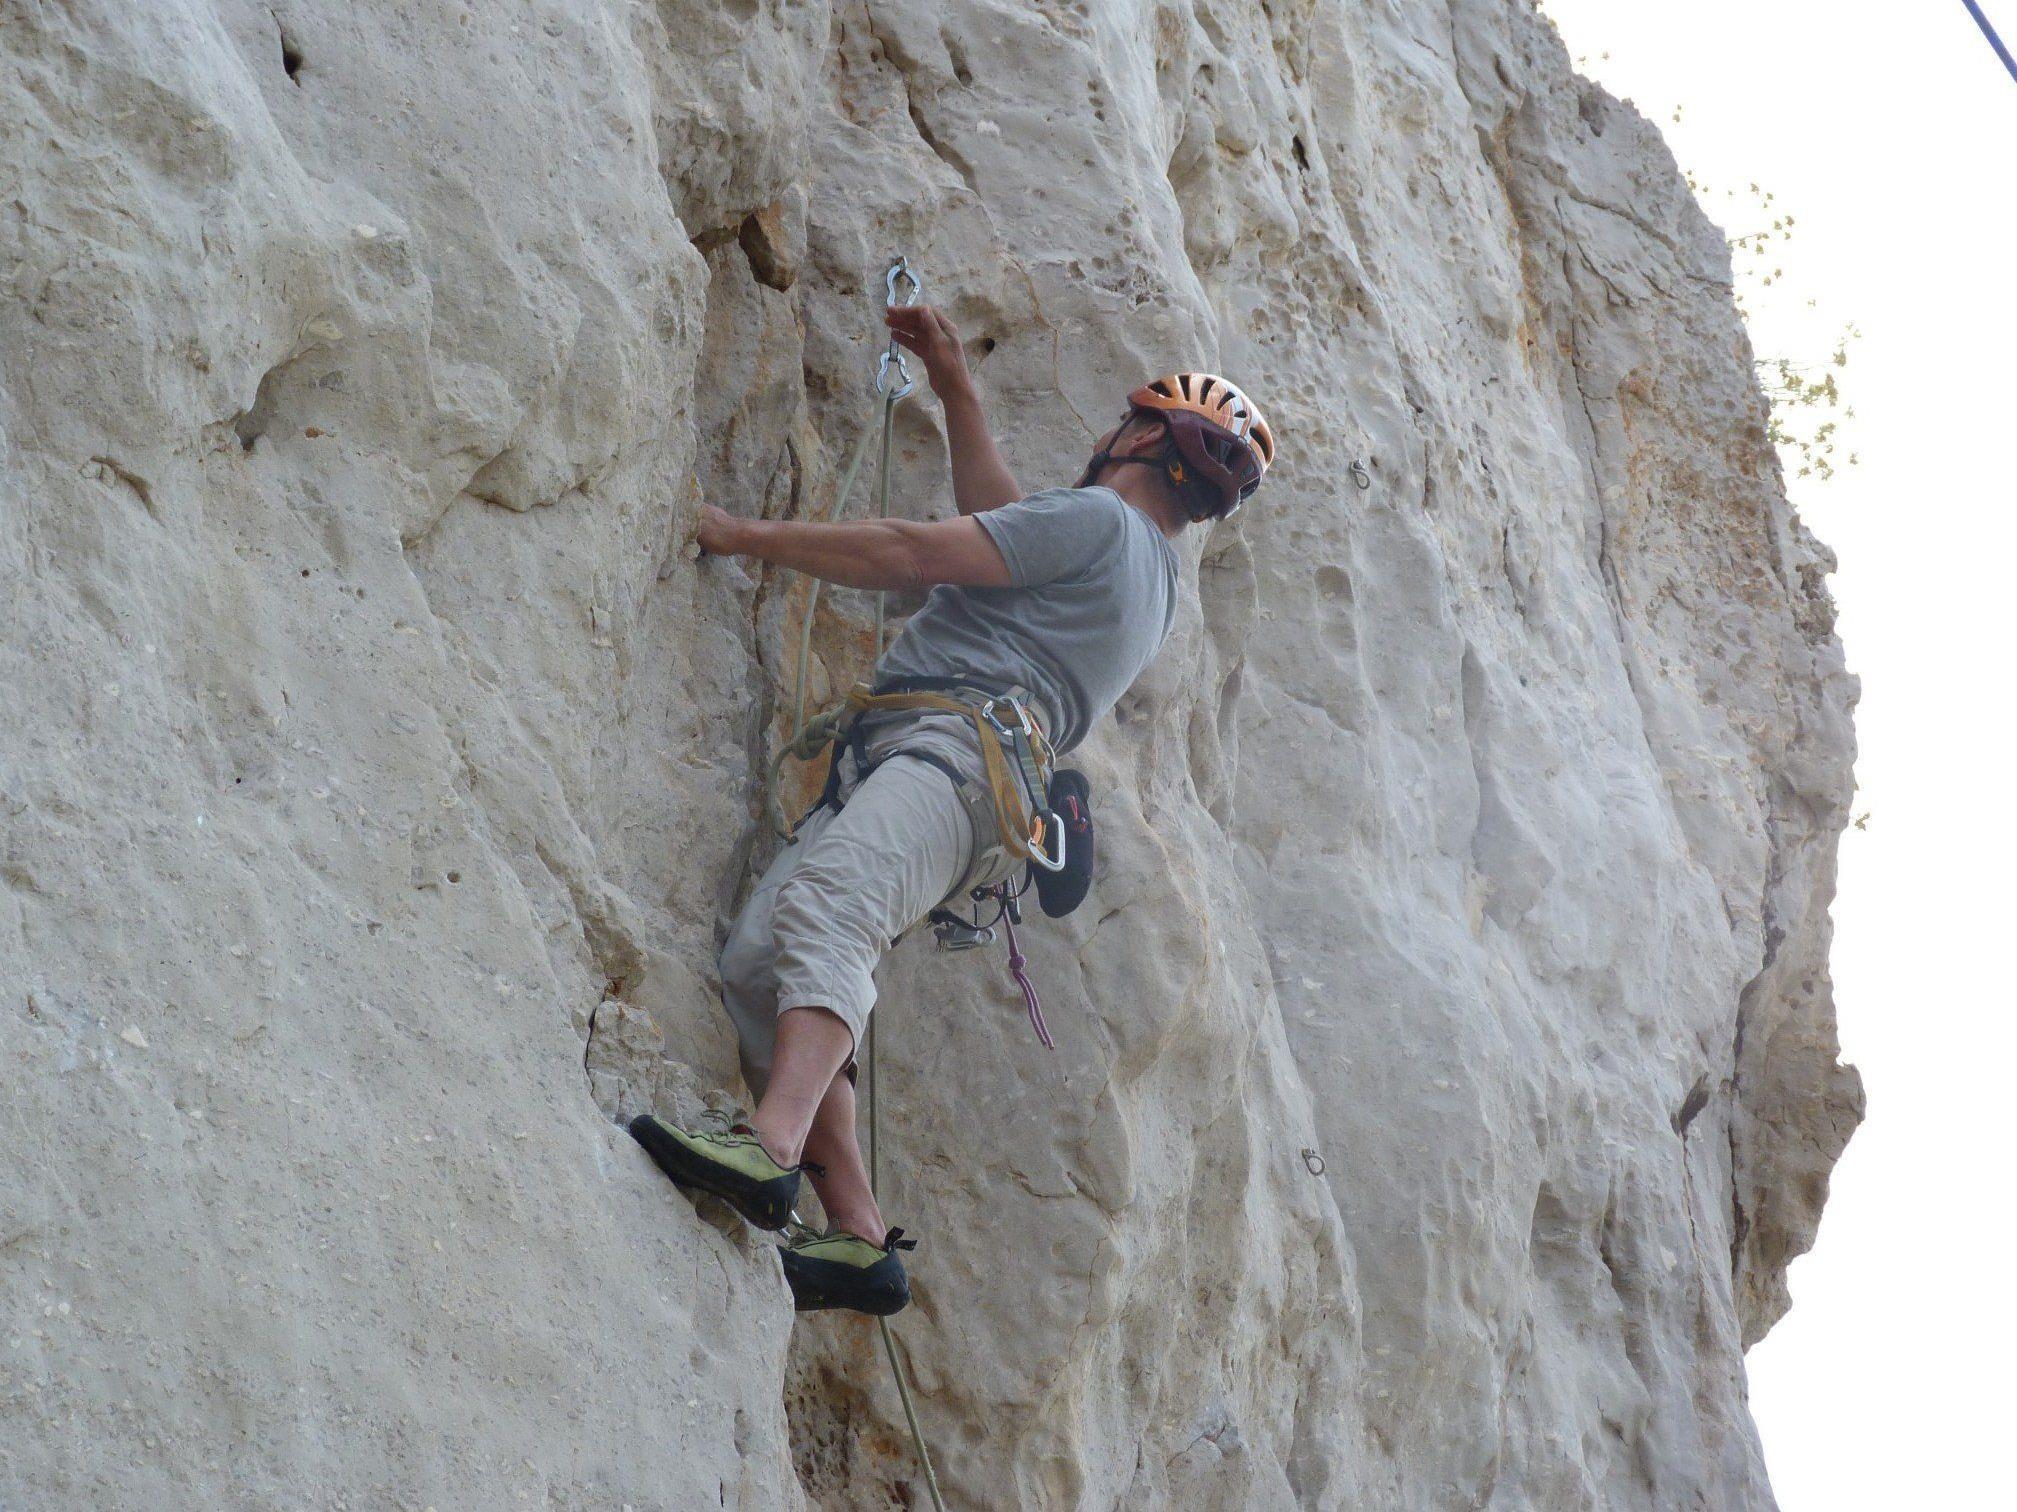 Achtung: Das Klettercamp ist nicht für Einsteiger oder Kletterneulinge geeignet.